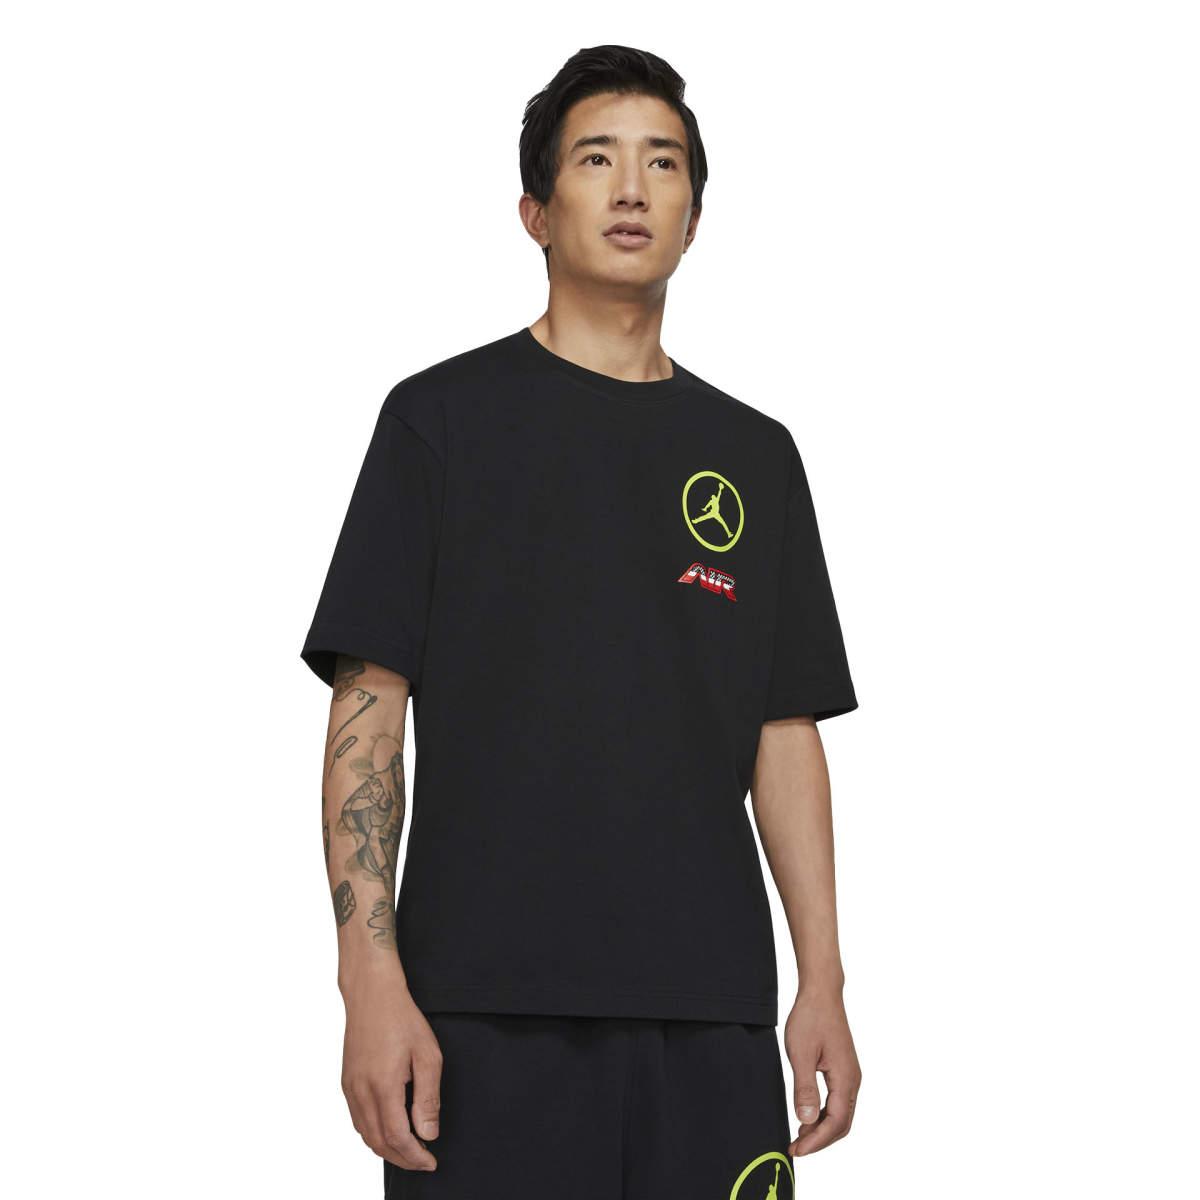 Sport dna tee black